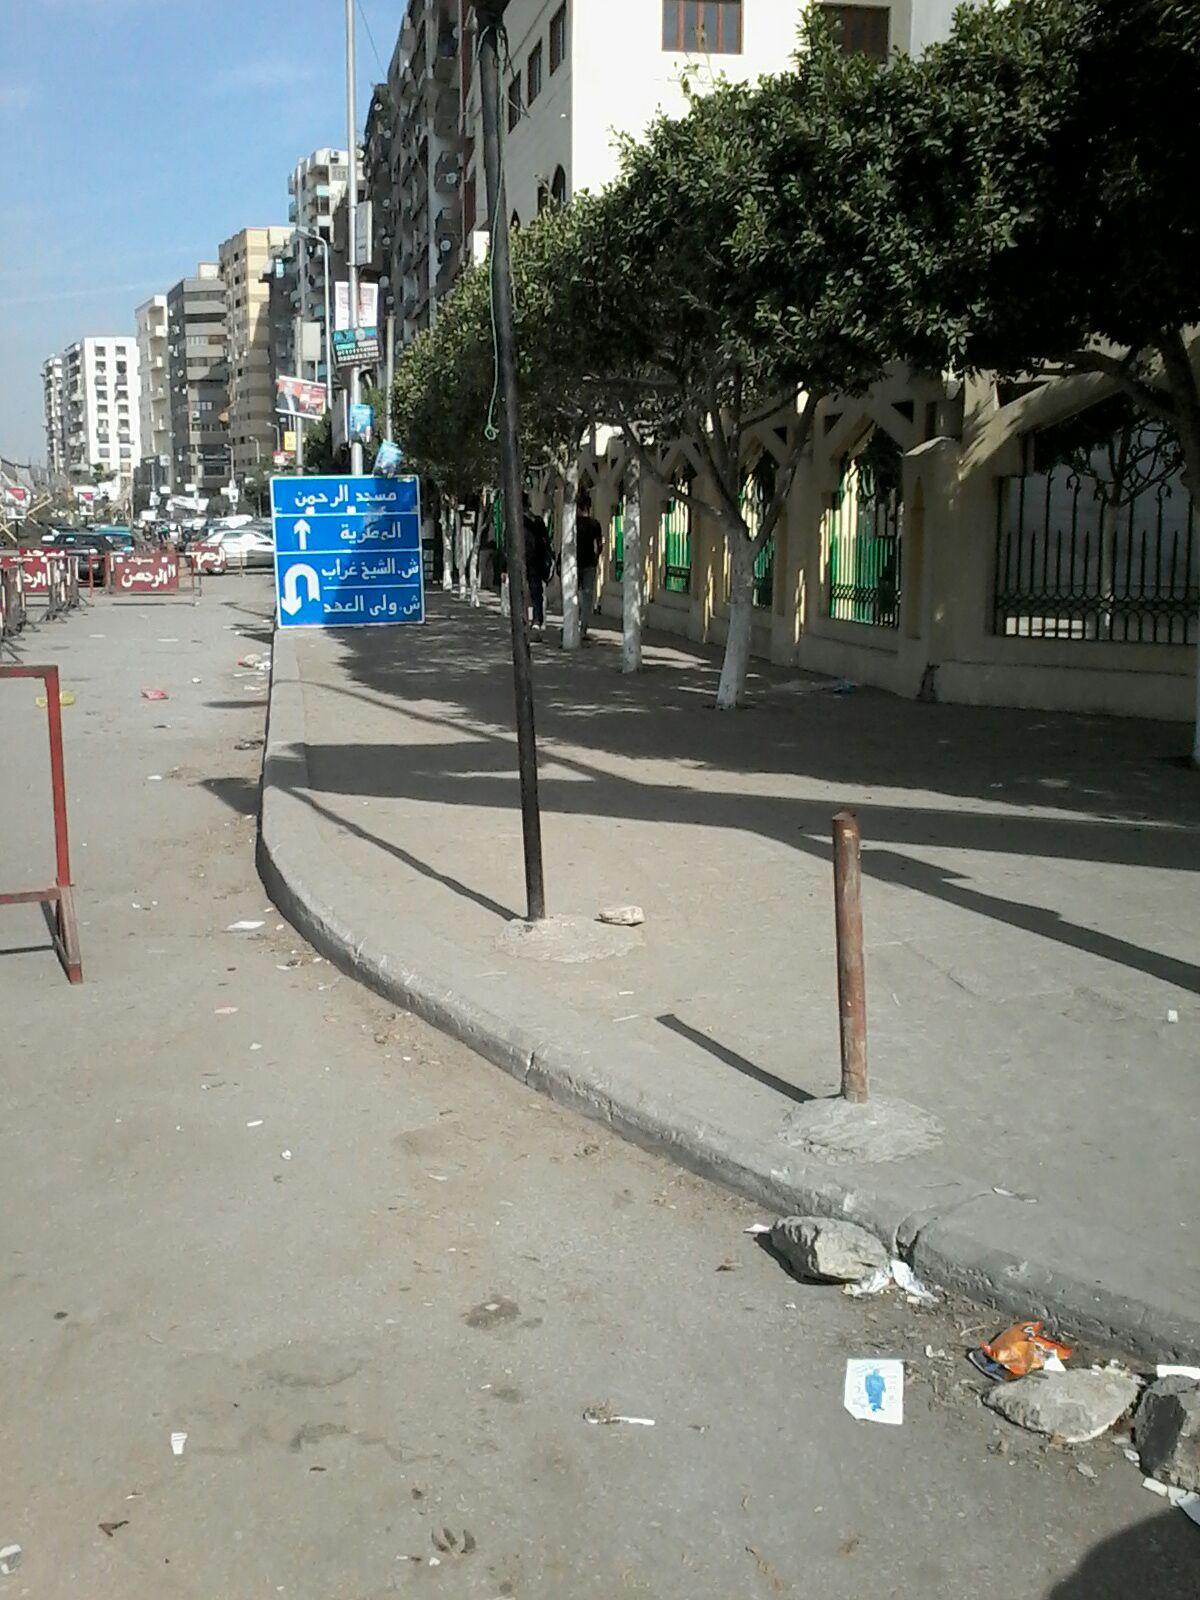 بالصور.. اقتطاع حارات مرورية أمام مسجد بحدائق القبة